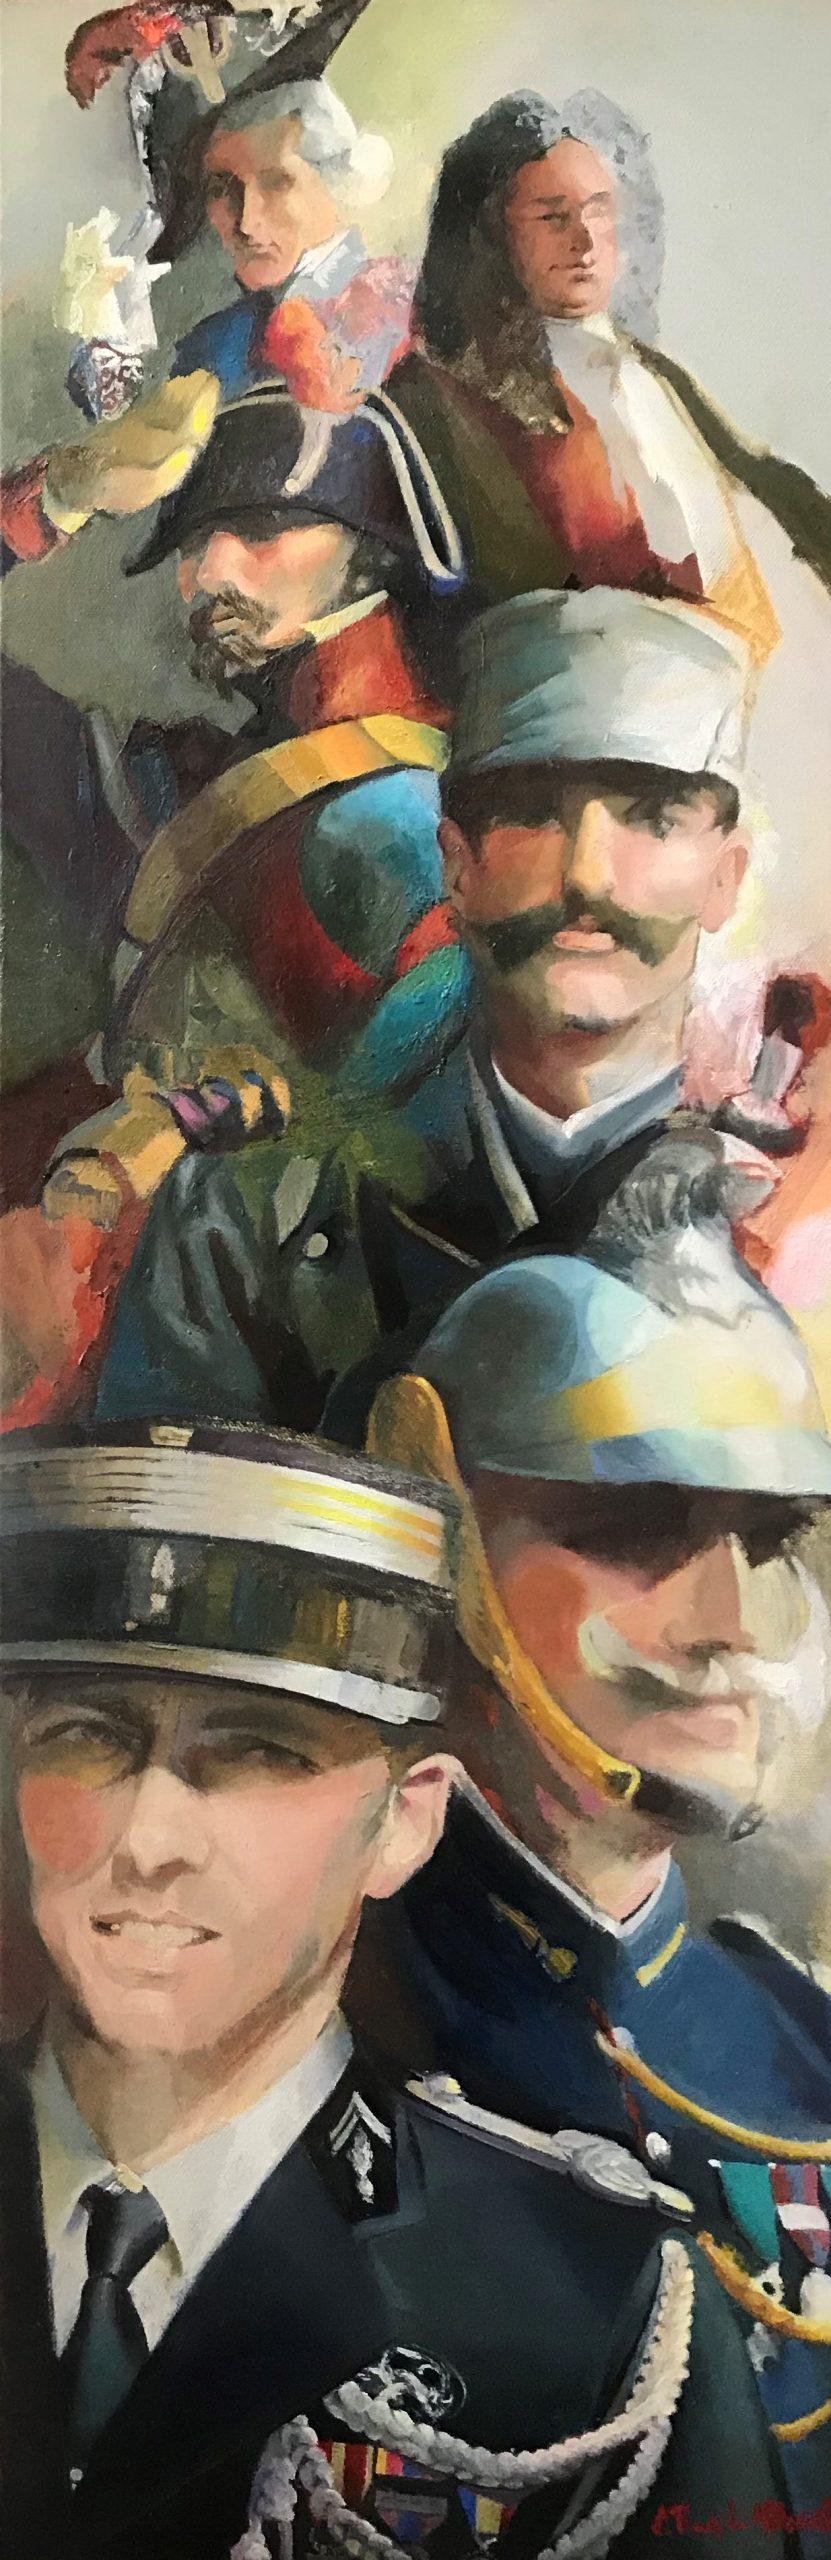 Les peintres de la gendarmerie s'exposent Issy-les-Mx/Musée de la gendarmerie nationale Melun/Colombey-les-deux-Eglises